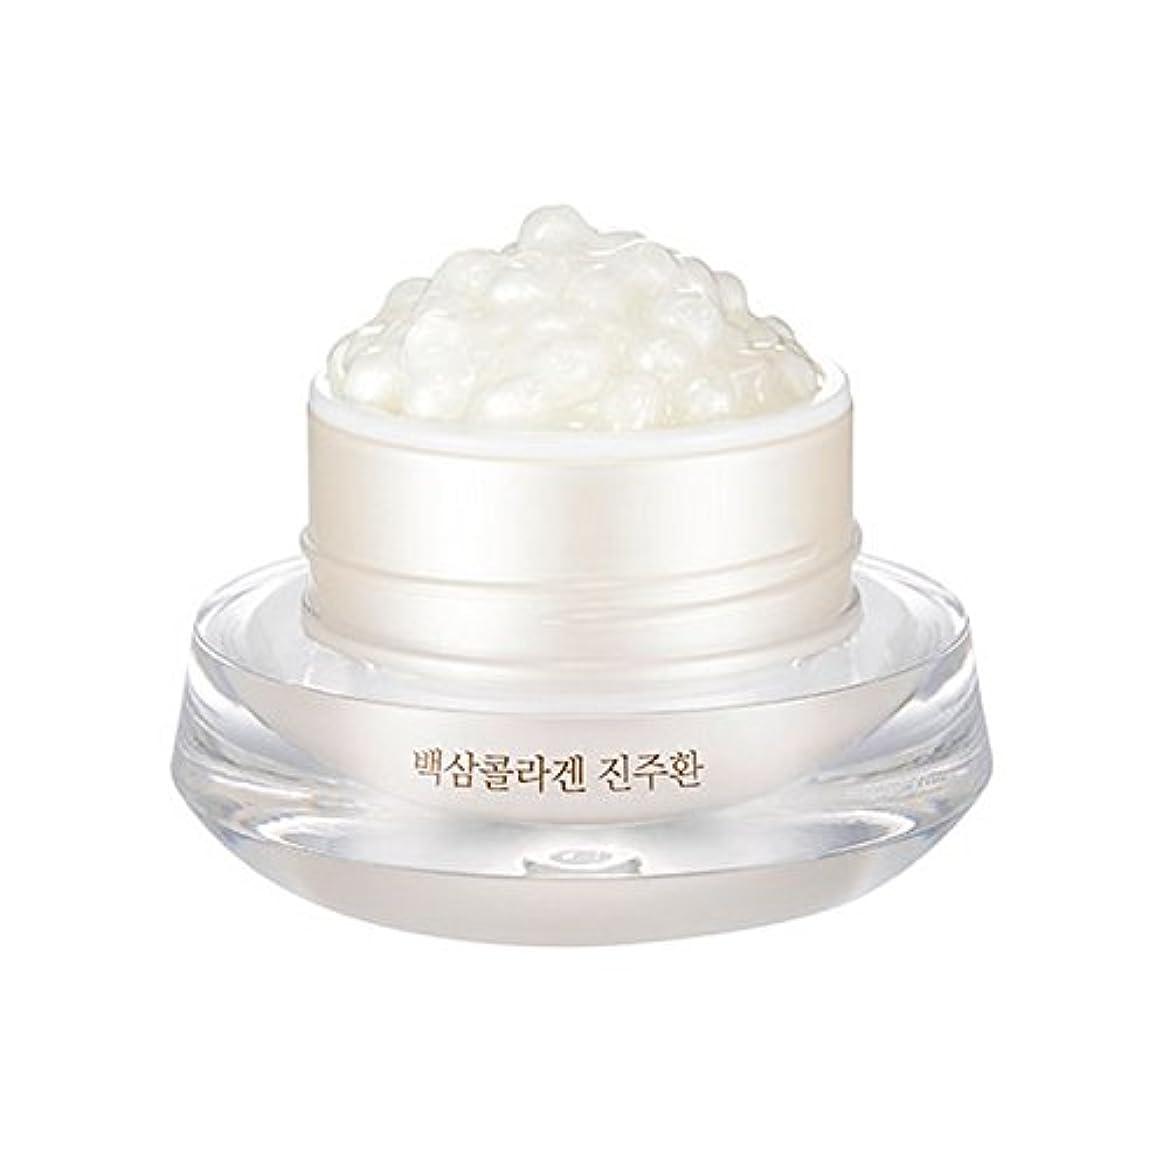 イーウェル噴水変形[ザ?フェイスショップ] The Face Shop 白参 コラーゲン パール カプセルクリーム White Ginseng Collagen Pearl Capsule Cream [並行輸入品]